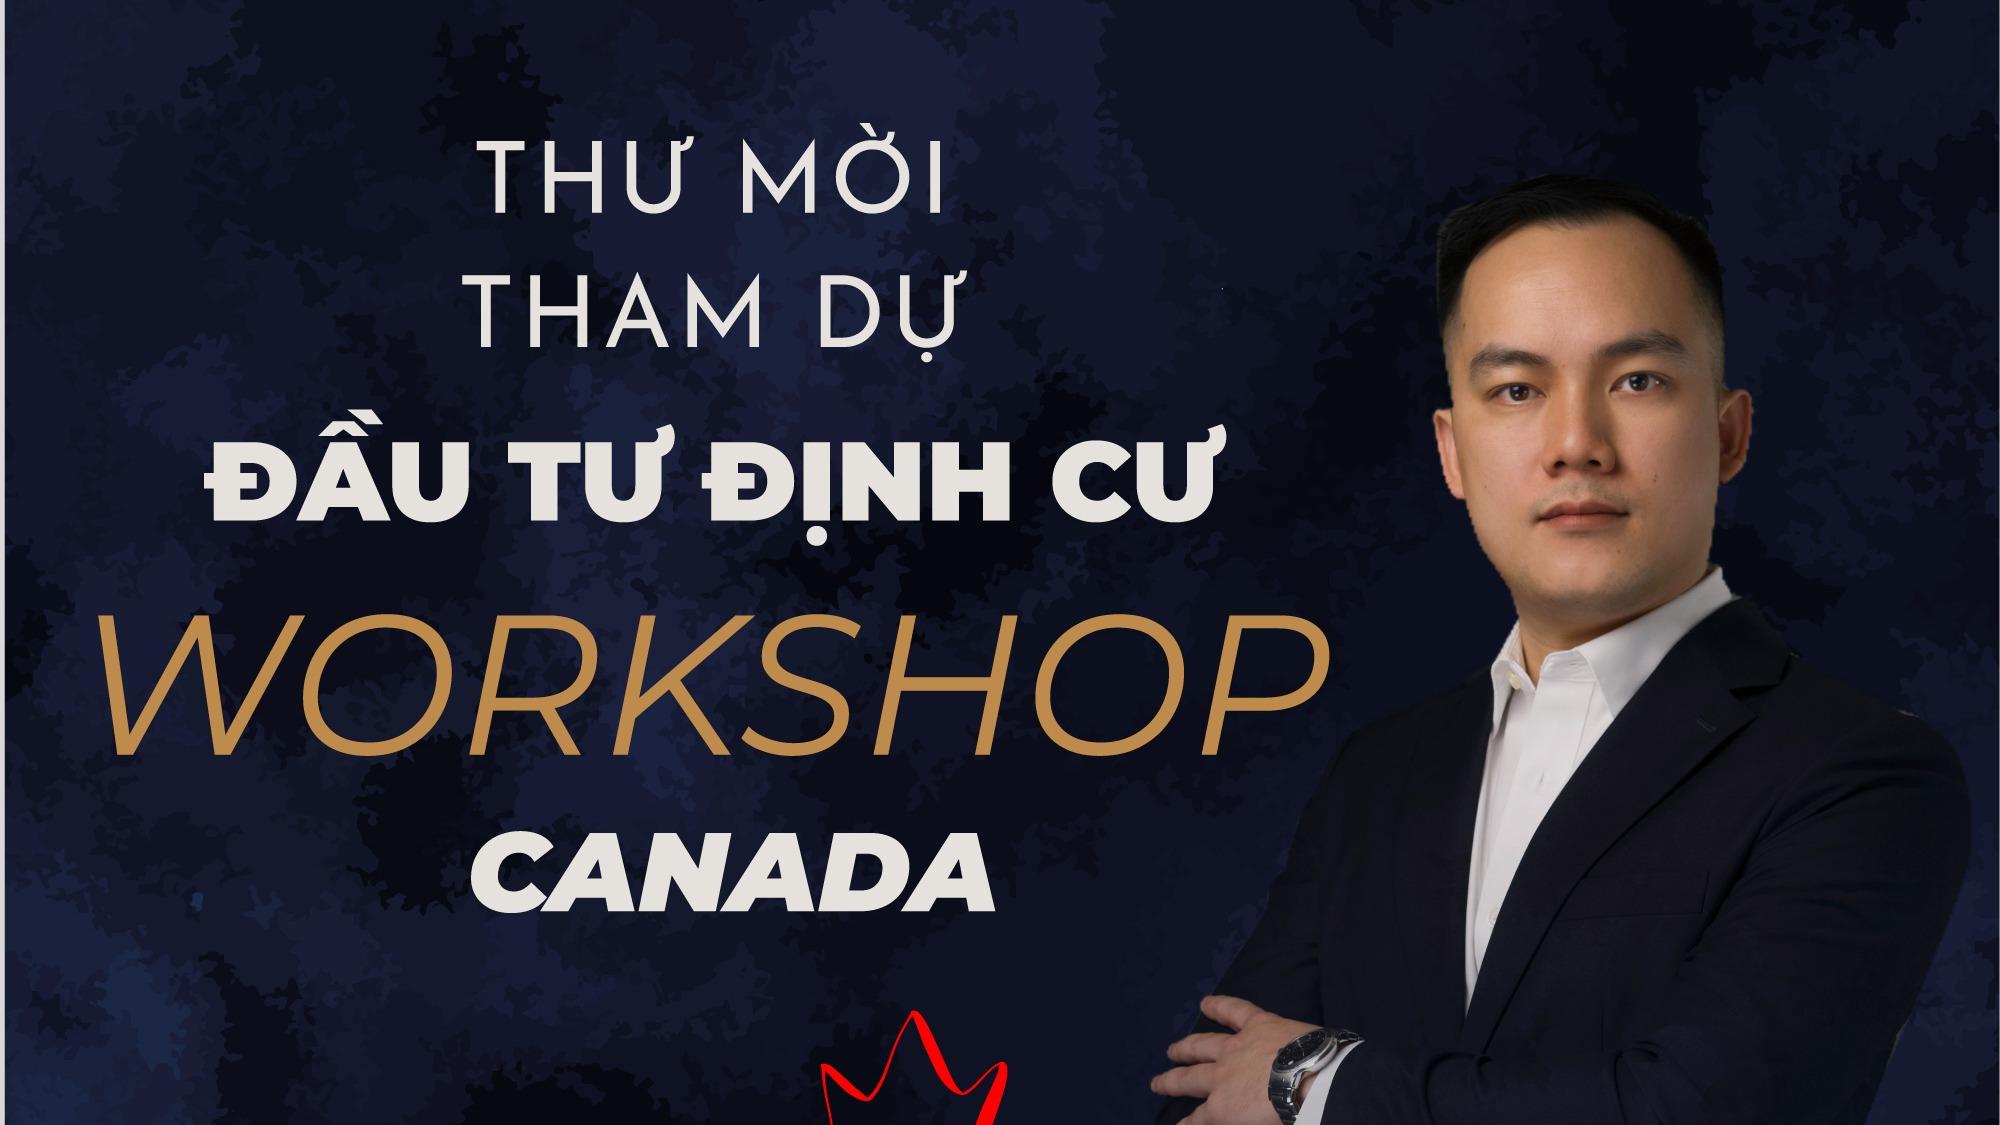 workshop-dau-tu-dinh-cu-canada